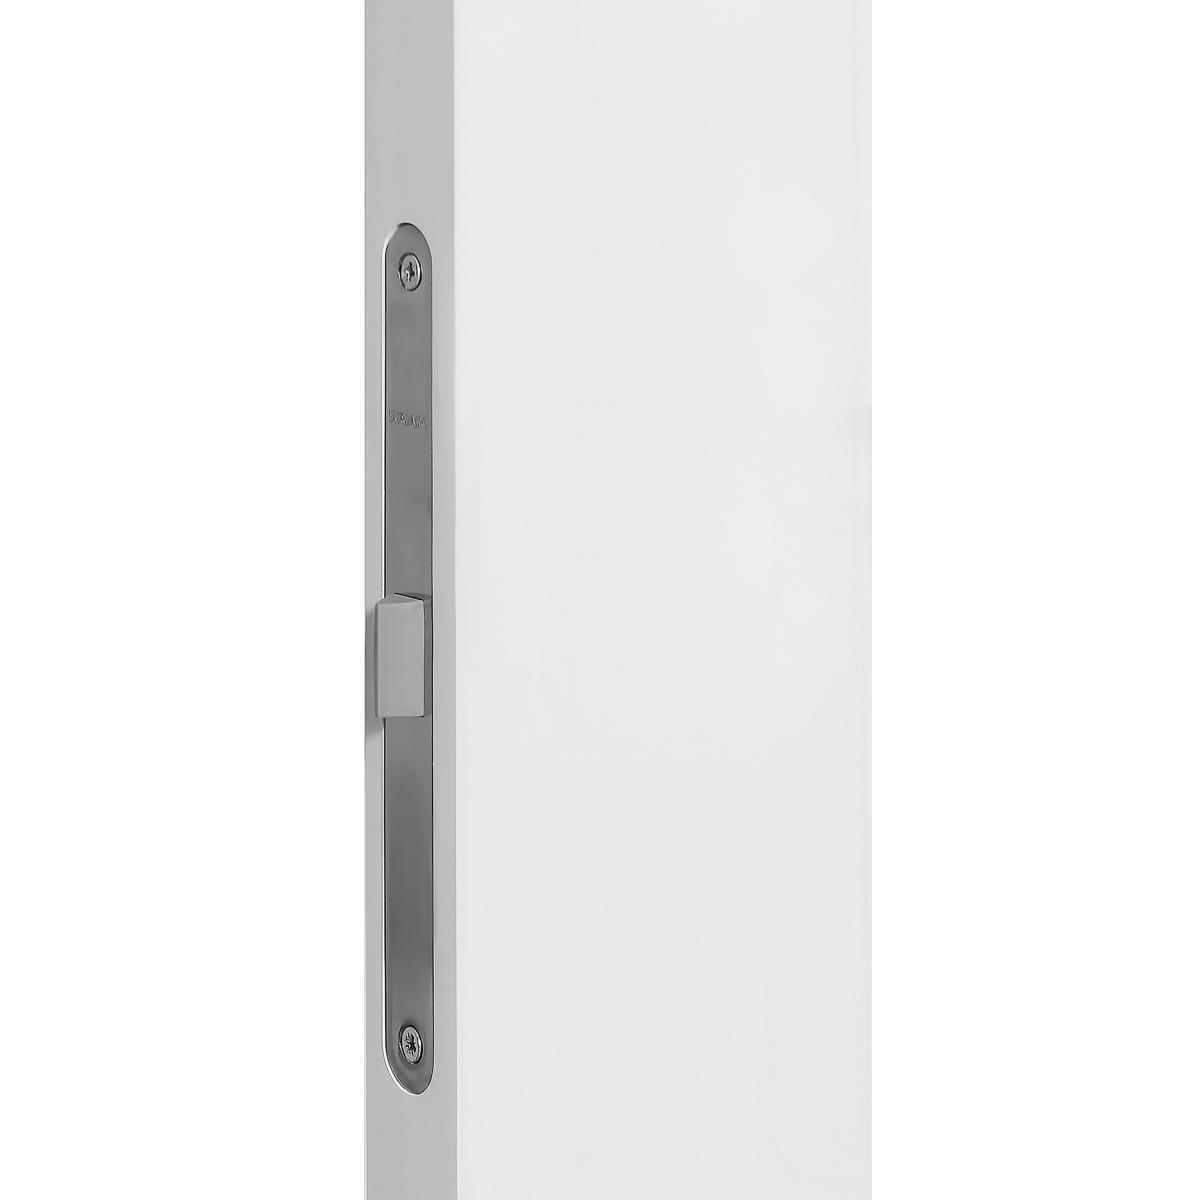 Дверь Межкомнатная Глухая С Замком В Комплекте Британия 90x200 Цвет Белый